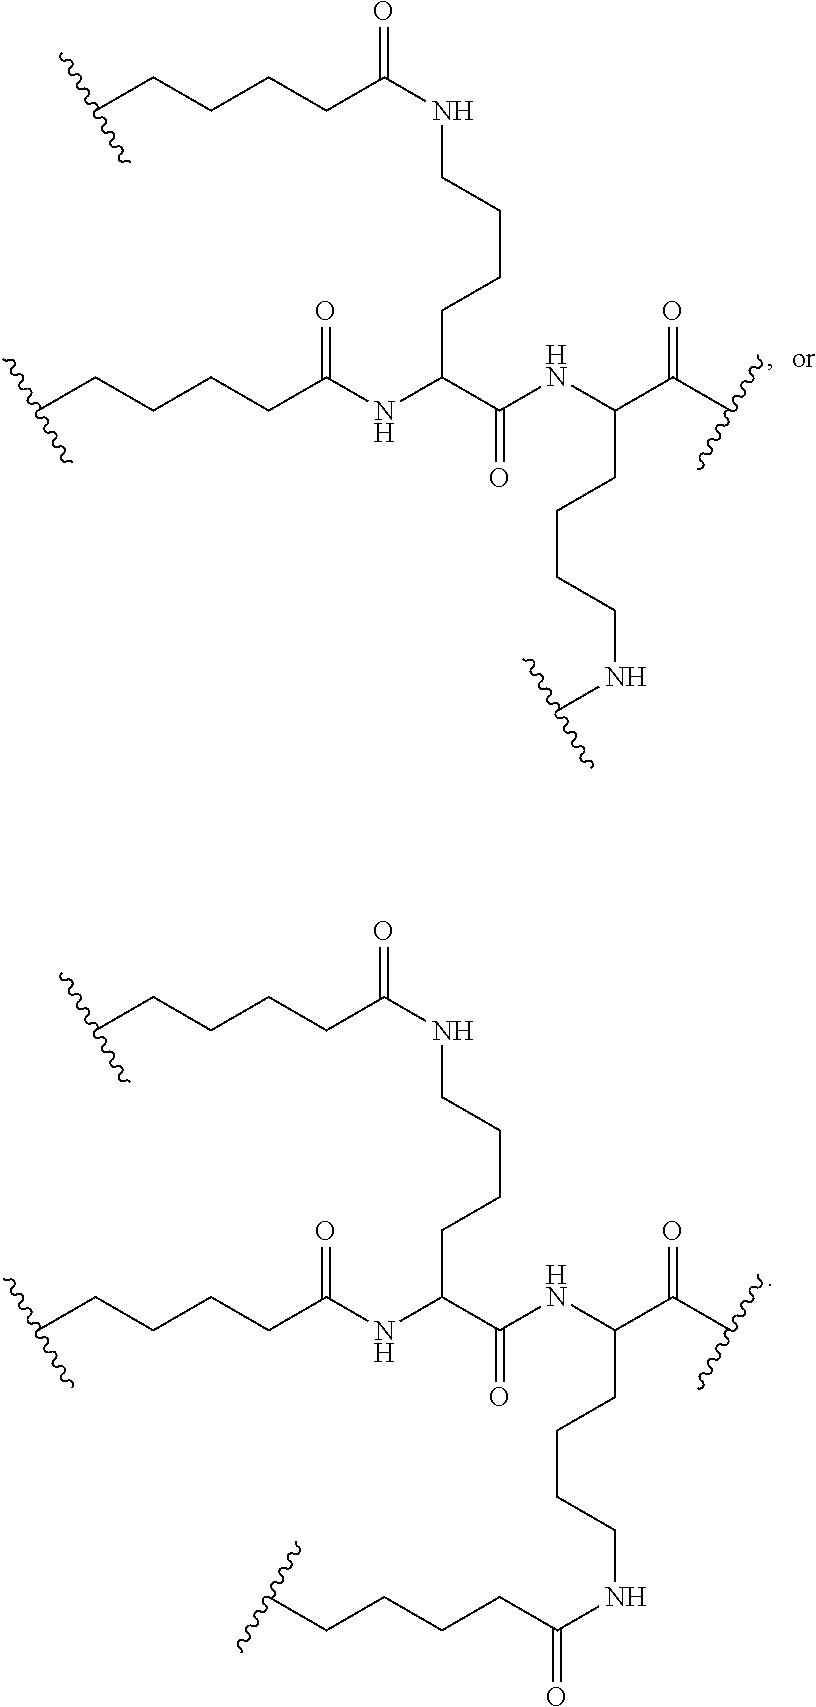 Figure US09957504-20180501-C00068